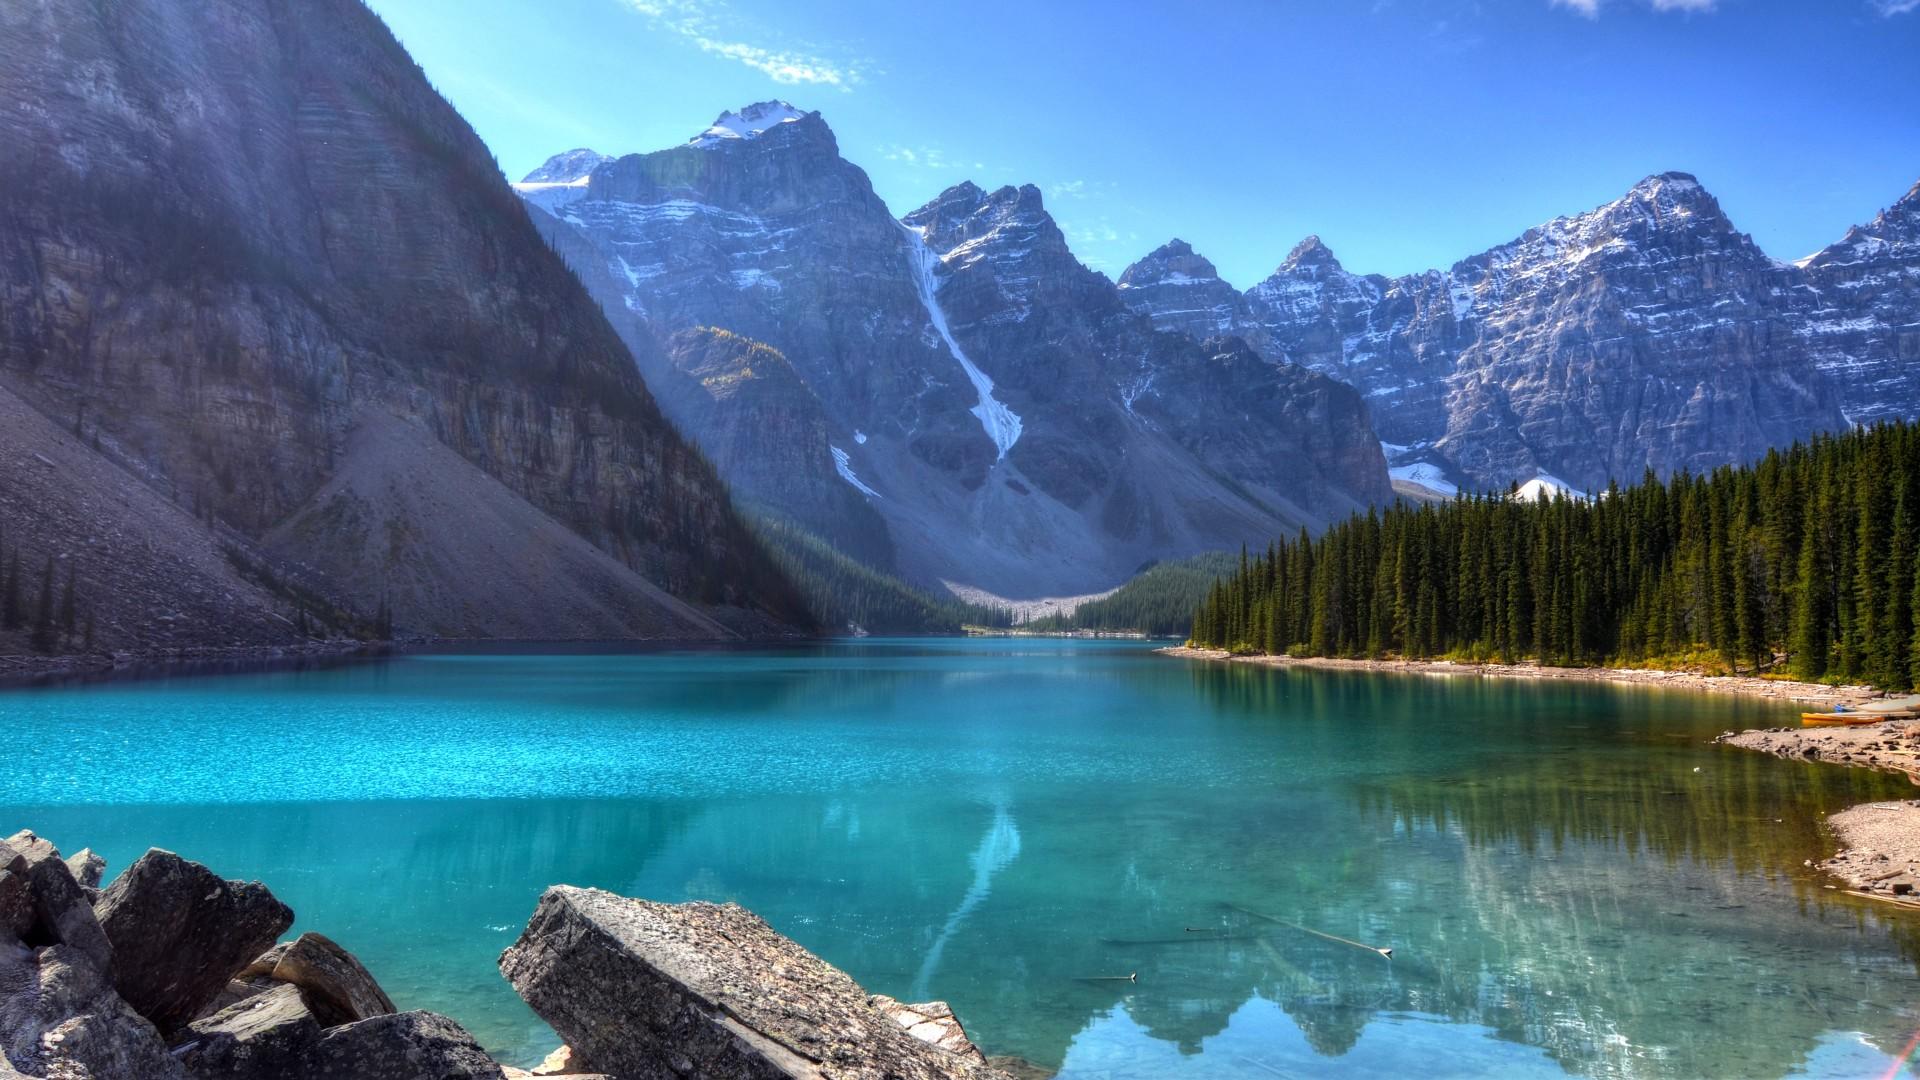 free HD Lake Wallpaper